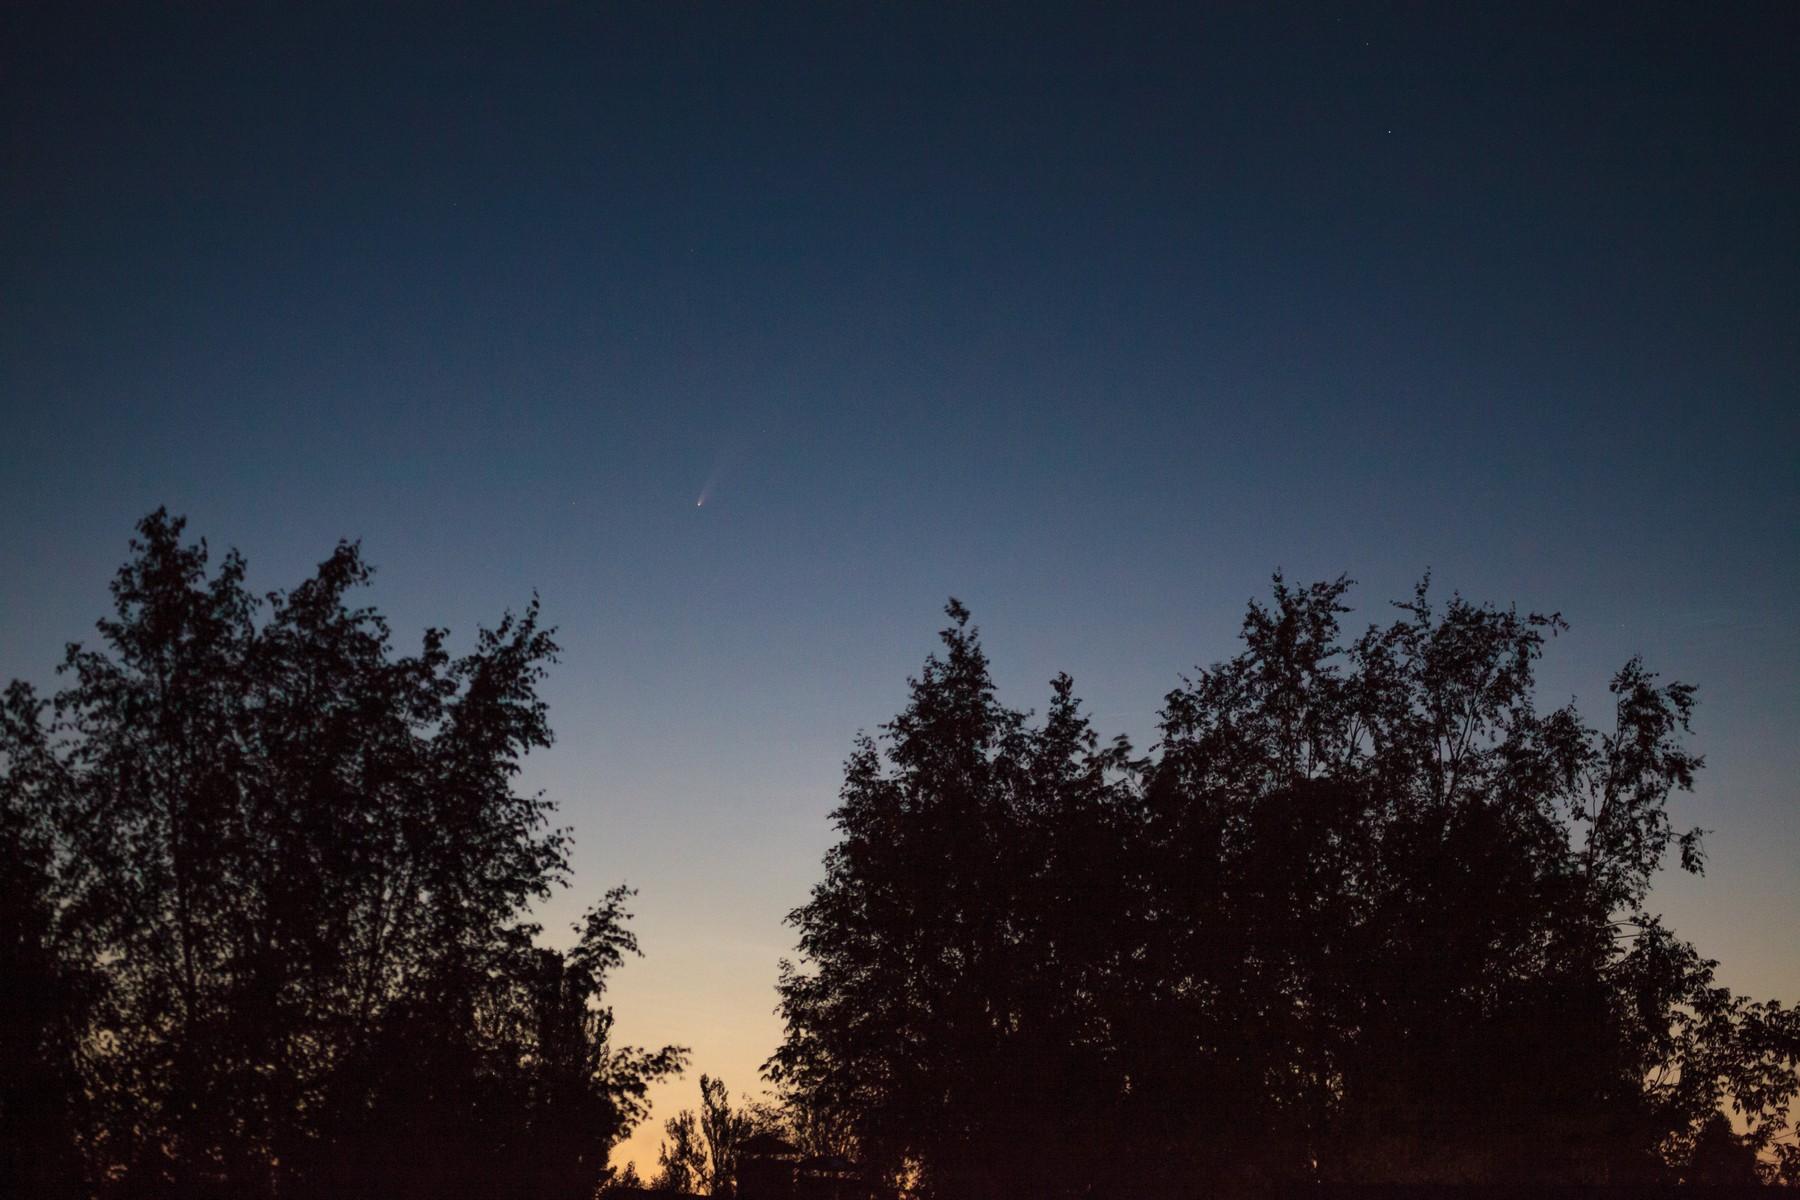 Рыбинский фотограф запечатлел самую яркую комету за последние семь лет